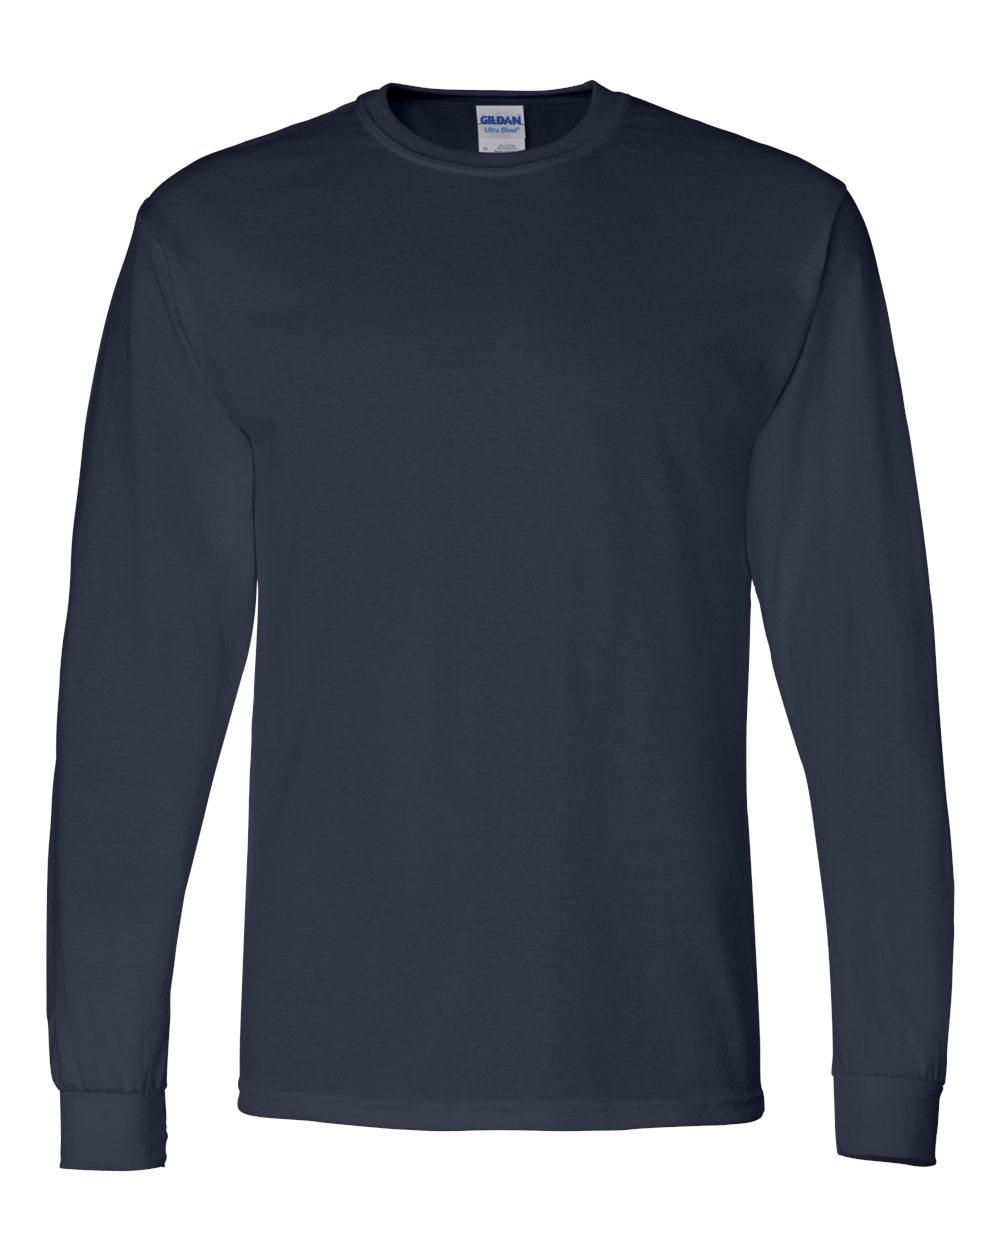 Gildan-Mens-Blank-DryBlend-50-50-Cotton-Long-Sleeve-T-Shirt-8400-up-to-3XL miniature 27